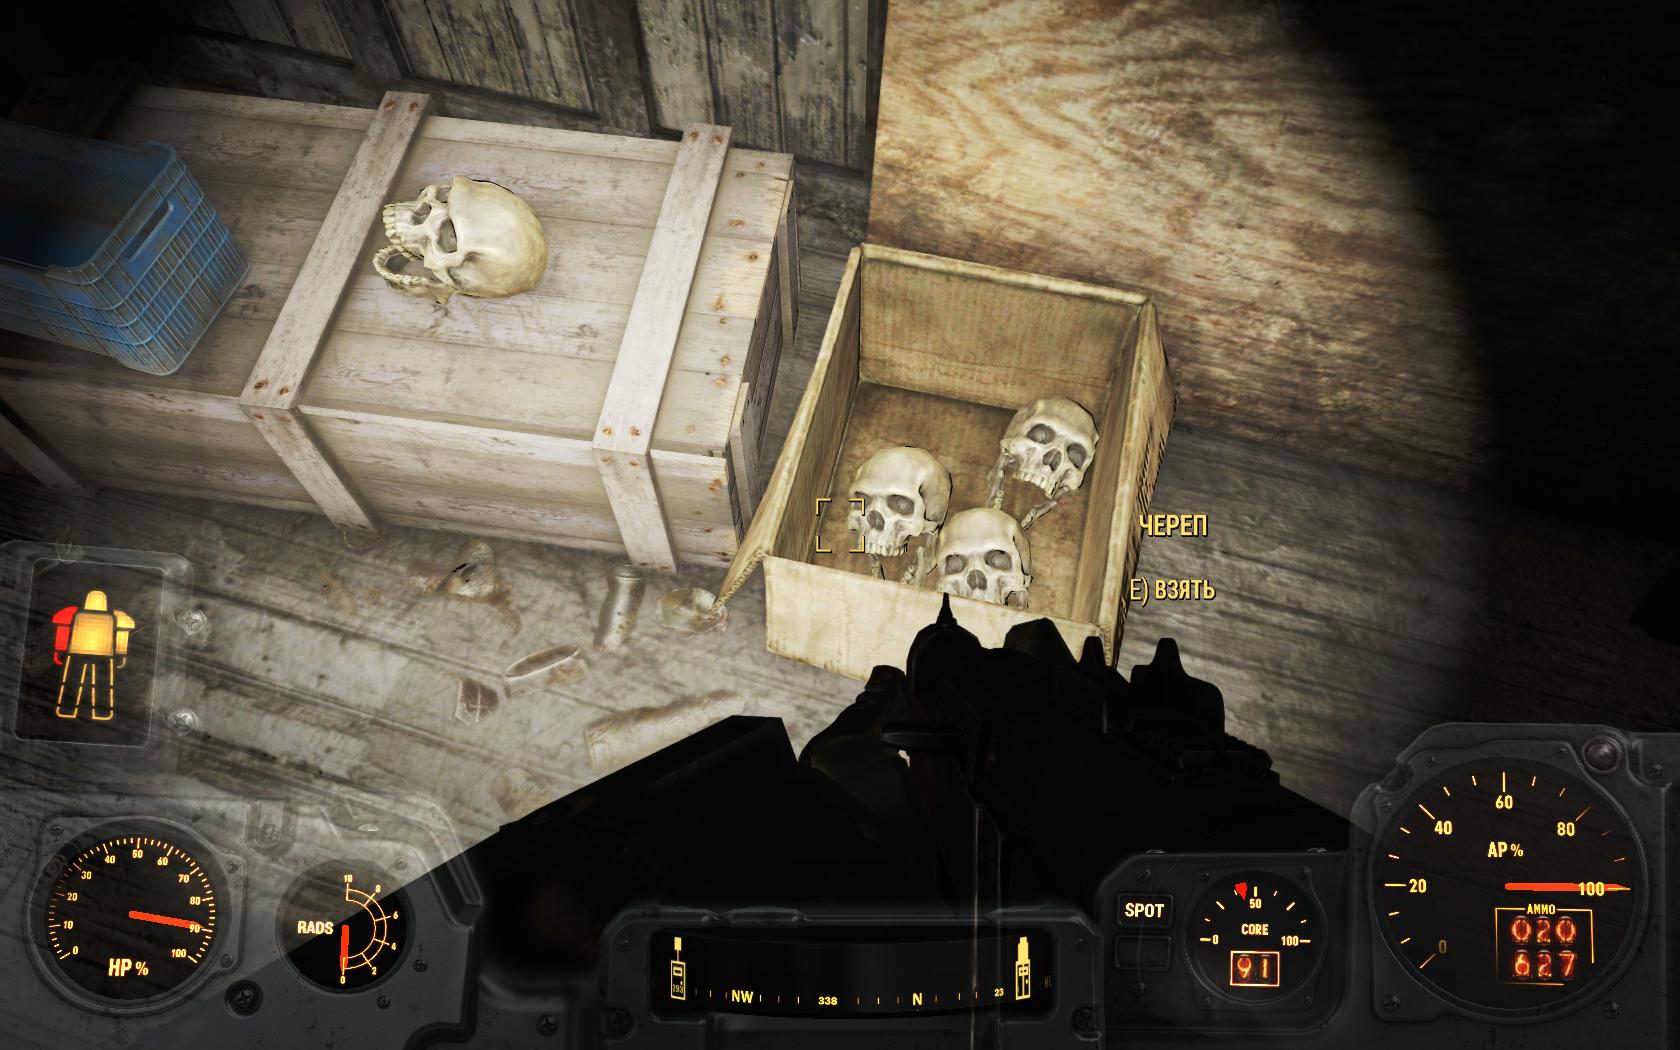 Мои предшественники? (Ядер-Мир, Замок Ядер-Короля) - Fallout 4 Nuka-World, Ядер-Мир